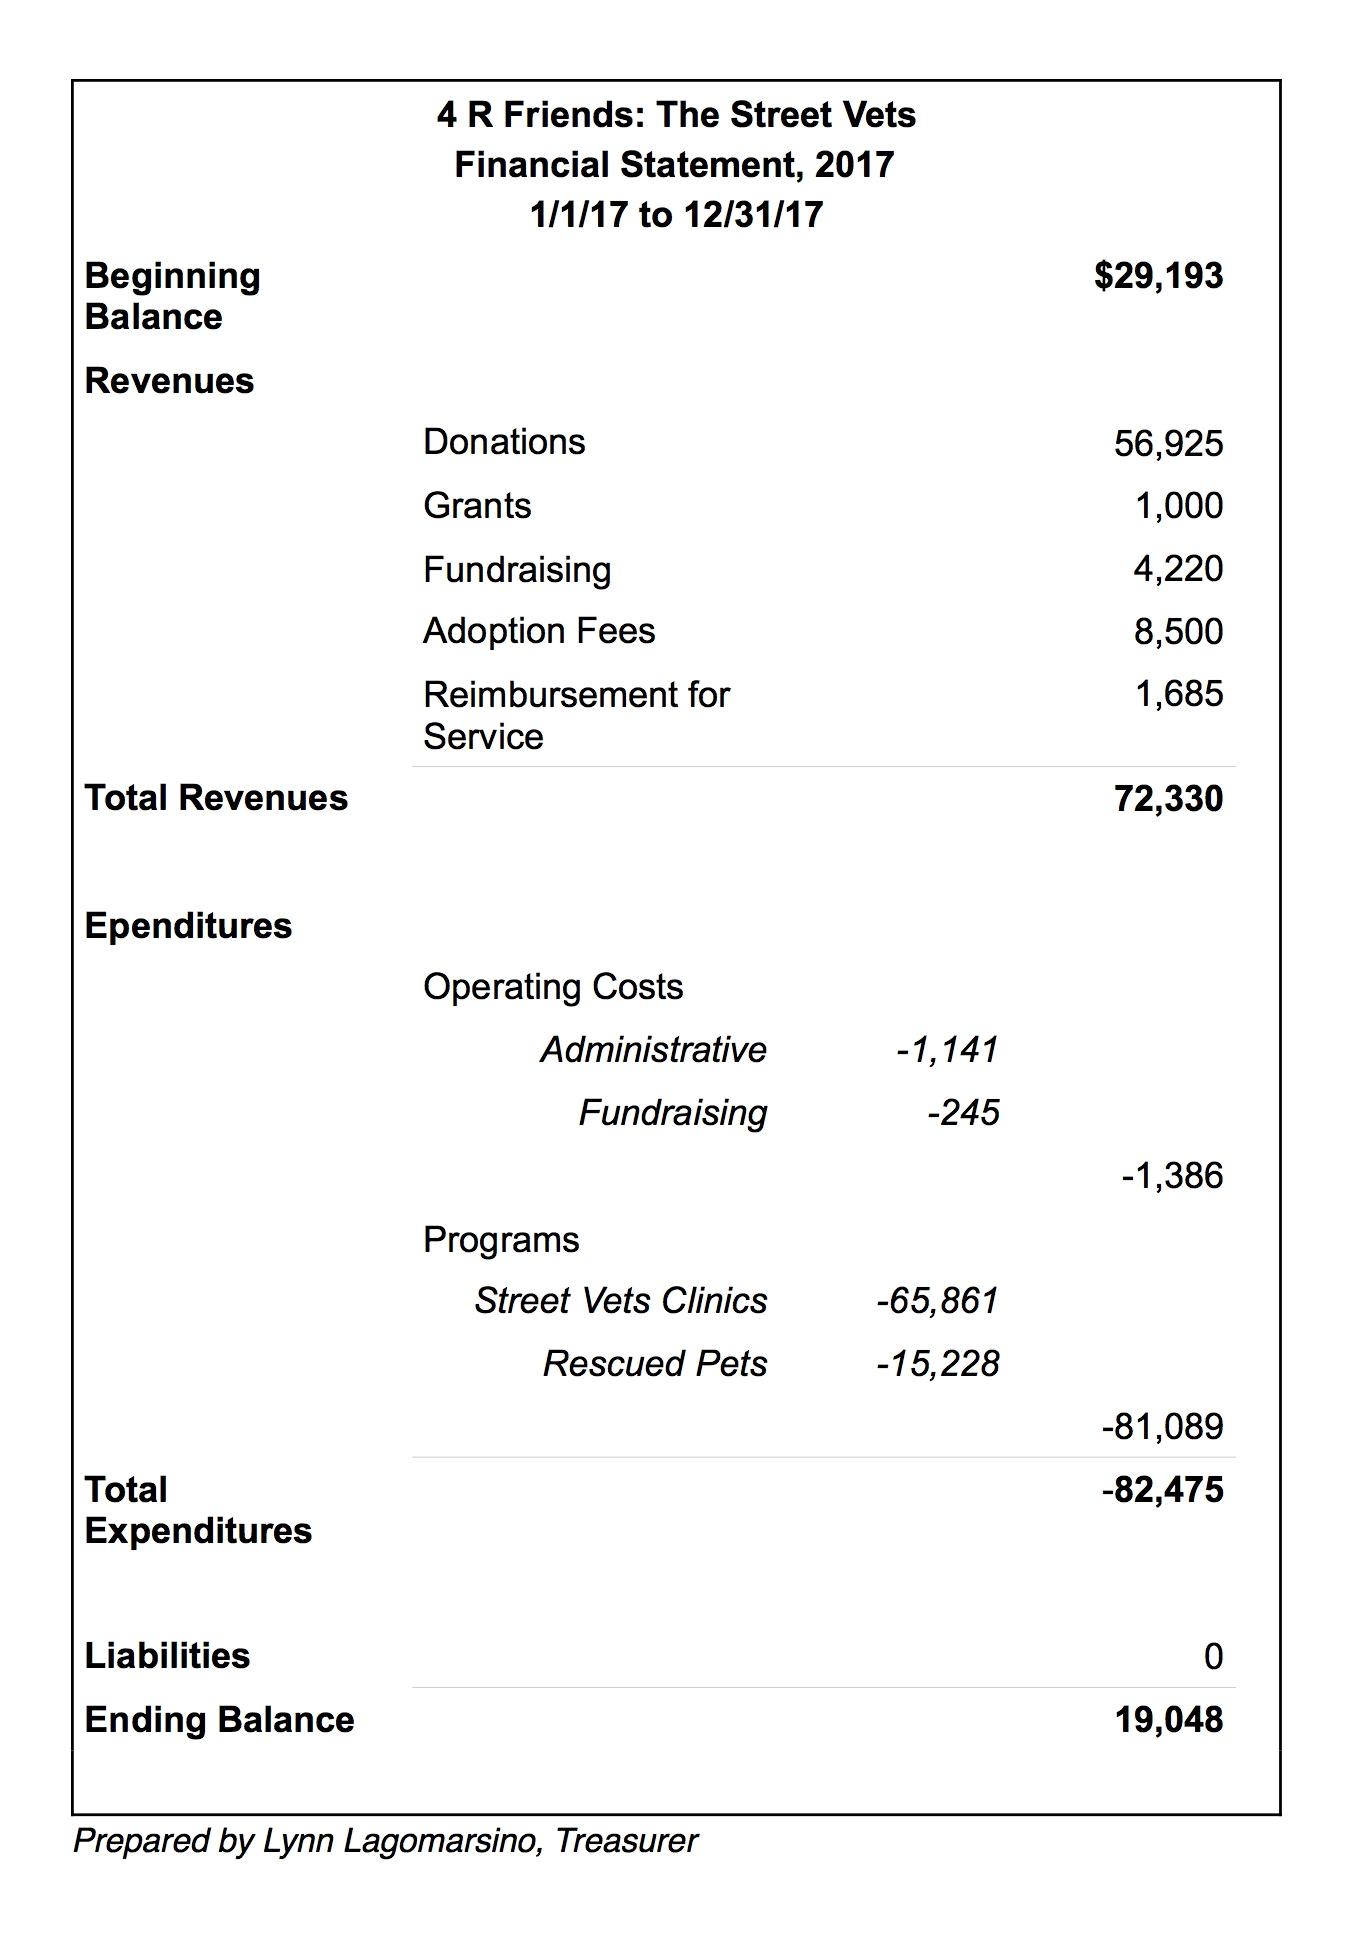 Financial Statement 2017.jpg